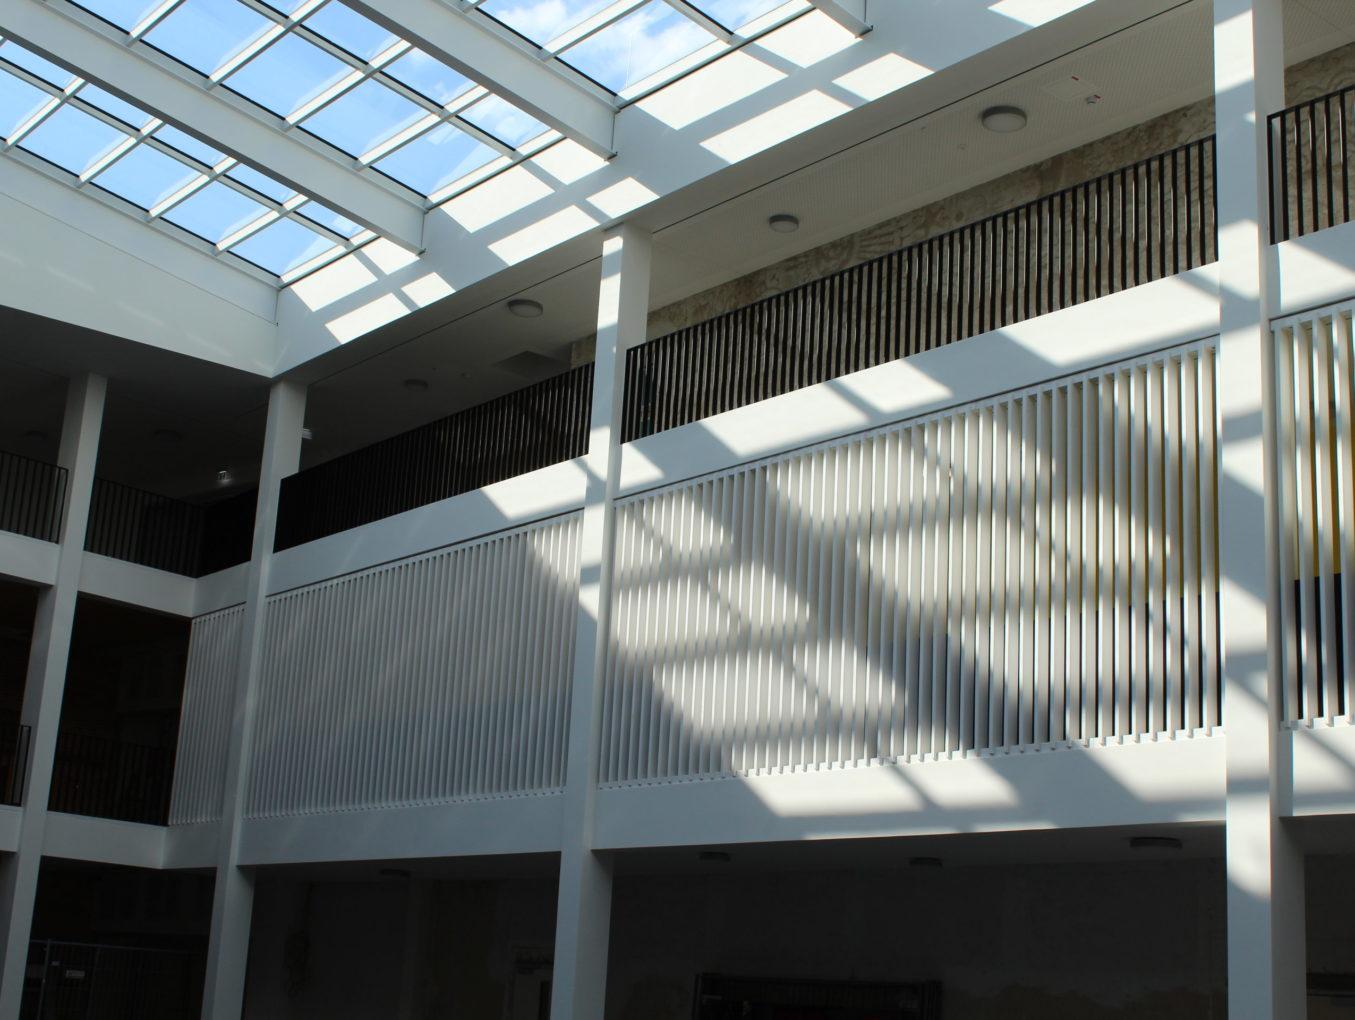 Projekt: Johann Friedrich Mayer Schule Kupferzell